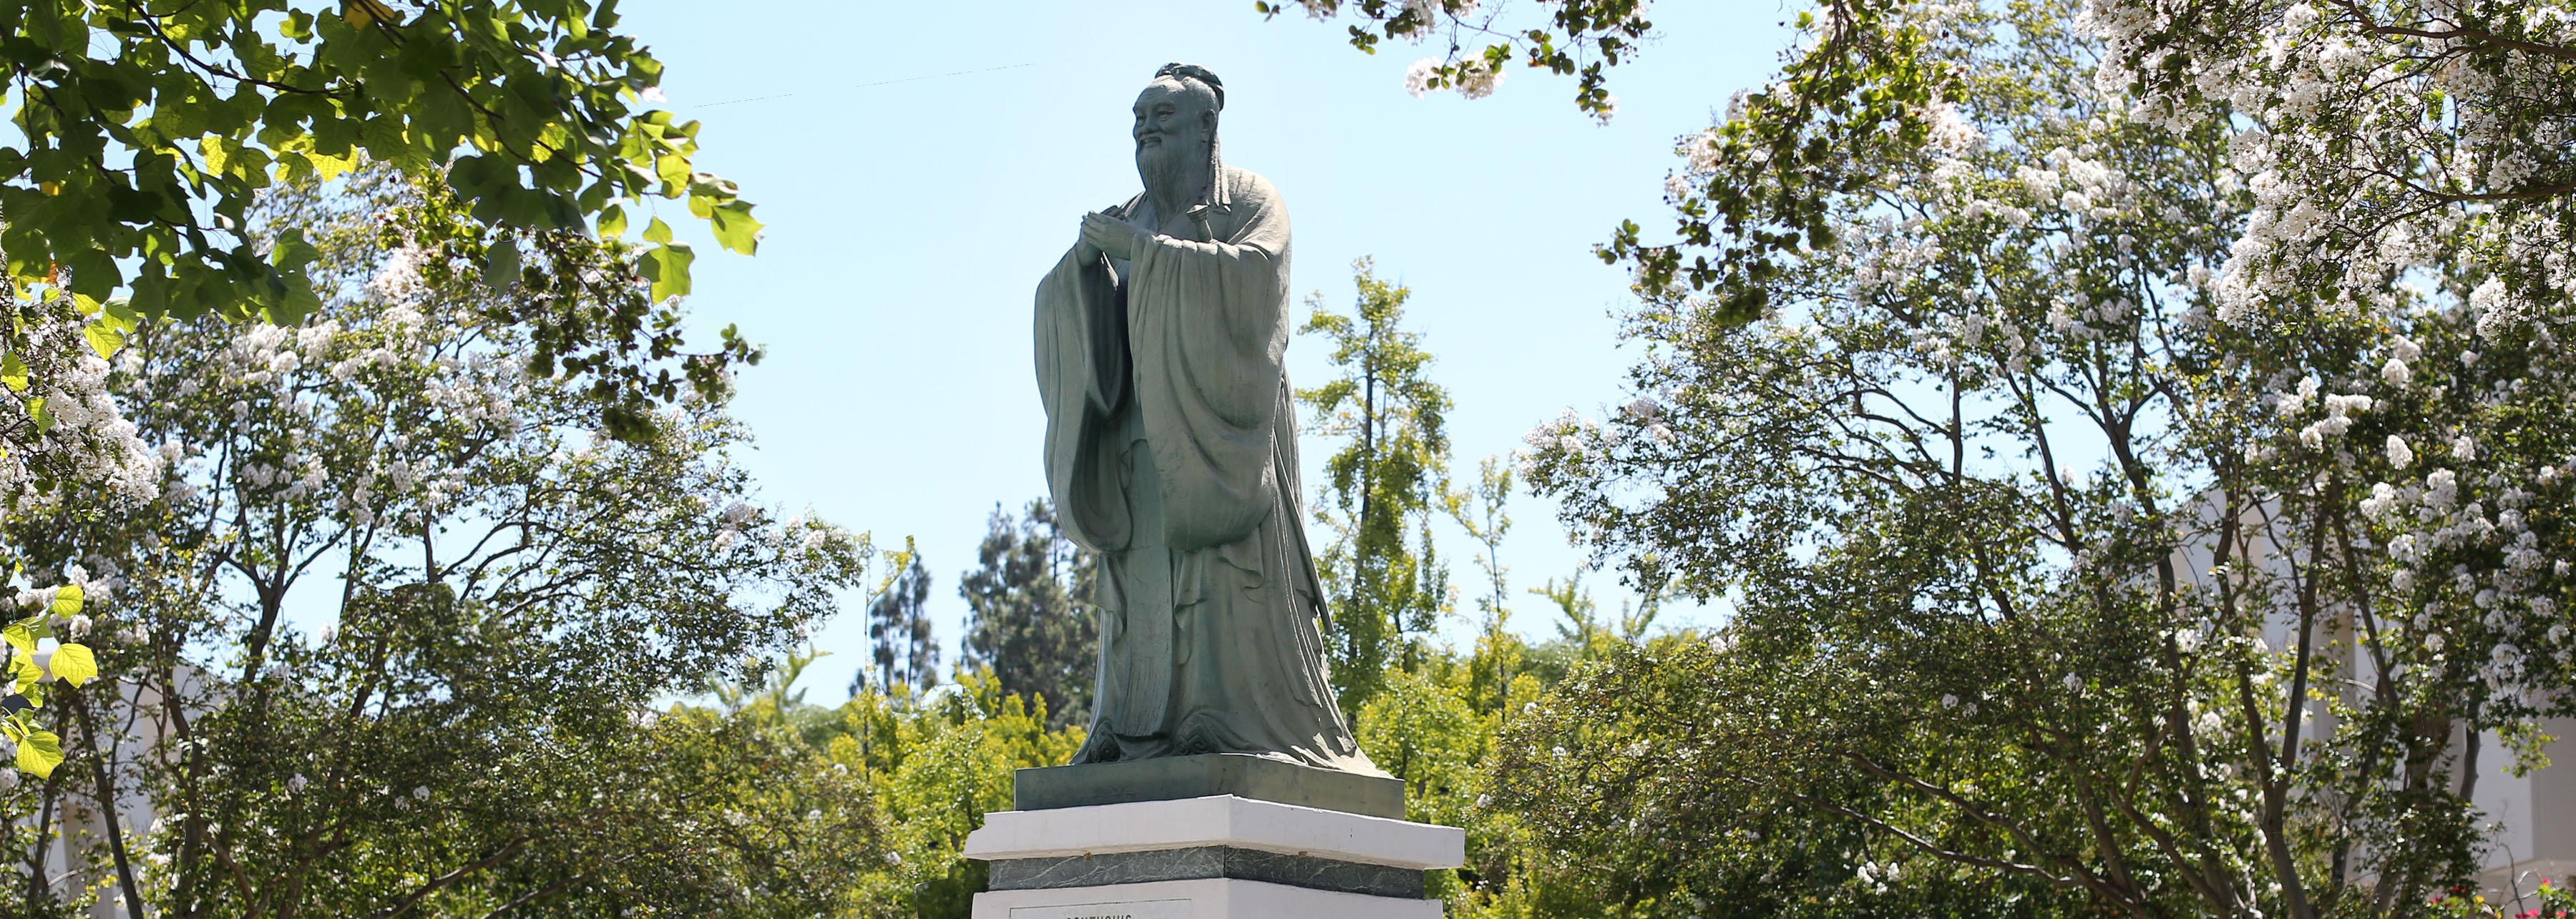 photo of Confucius statue